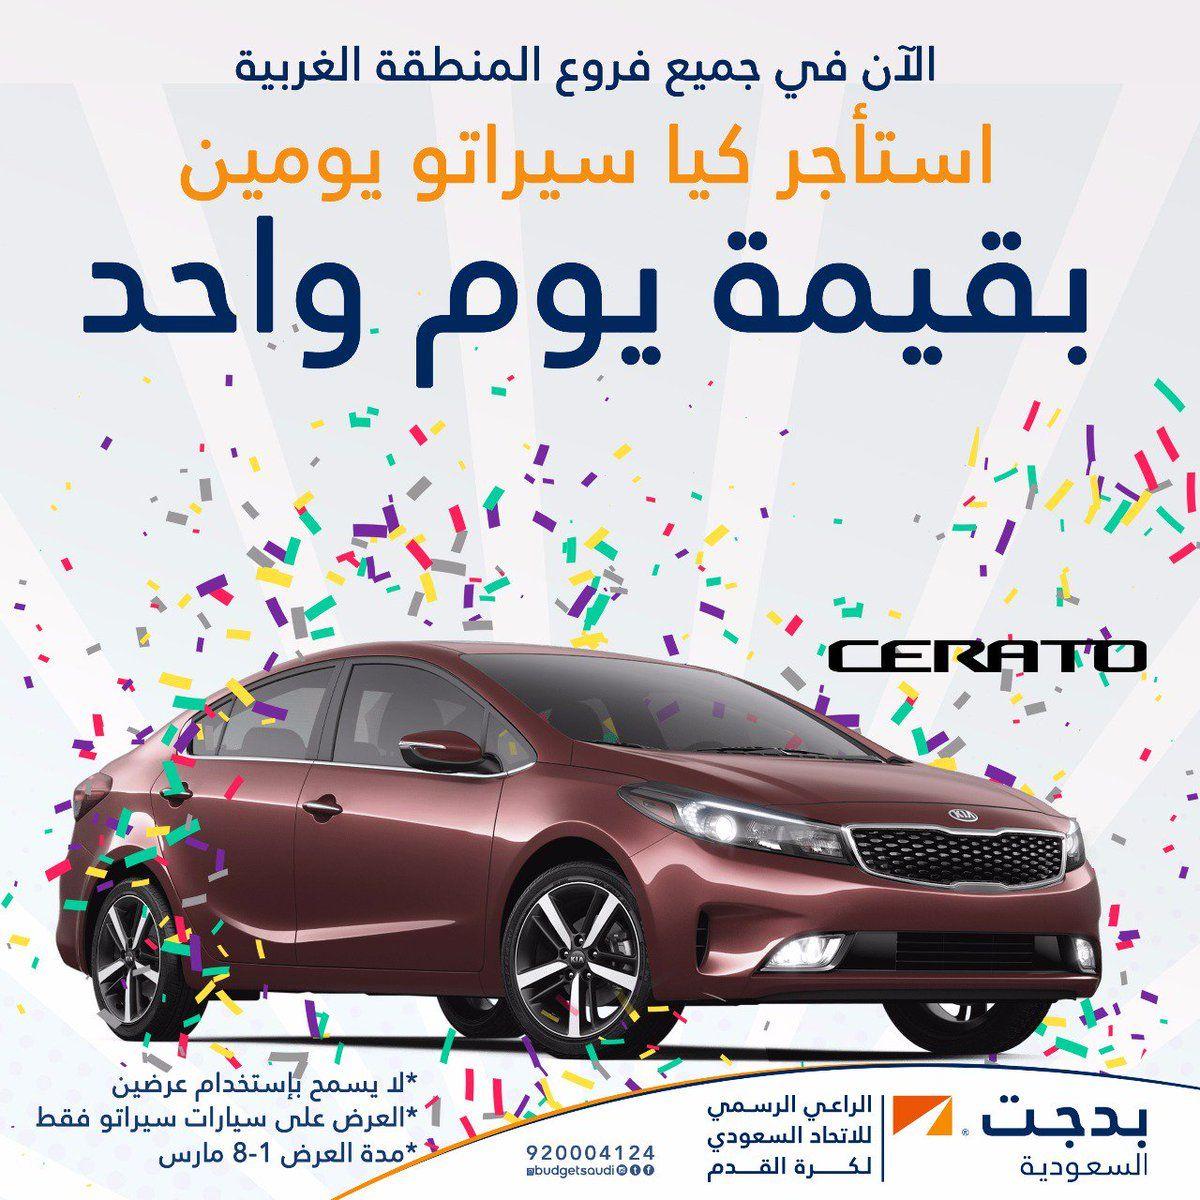 عرض بدجت السعودية من 1 إلى 8 مارس 2018 على كيا سيراتو عروض اليوم Bmw Bmw Car Car